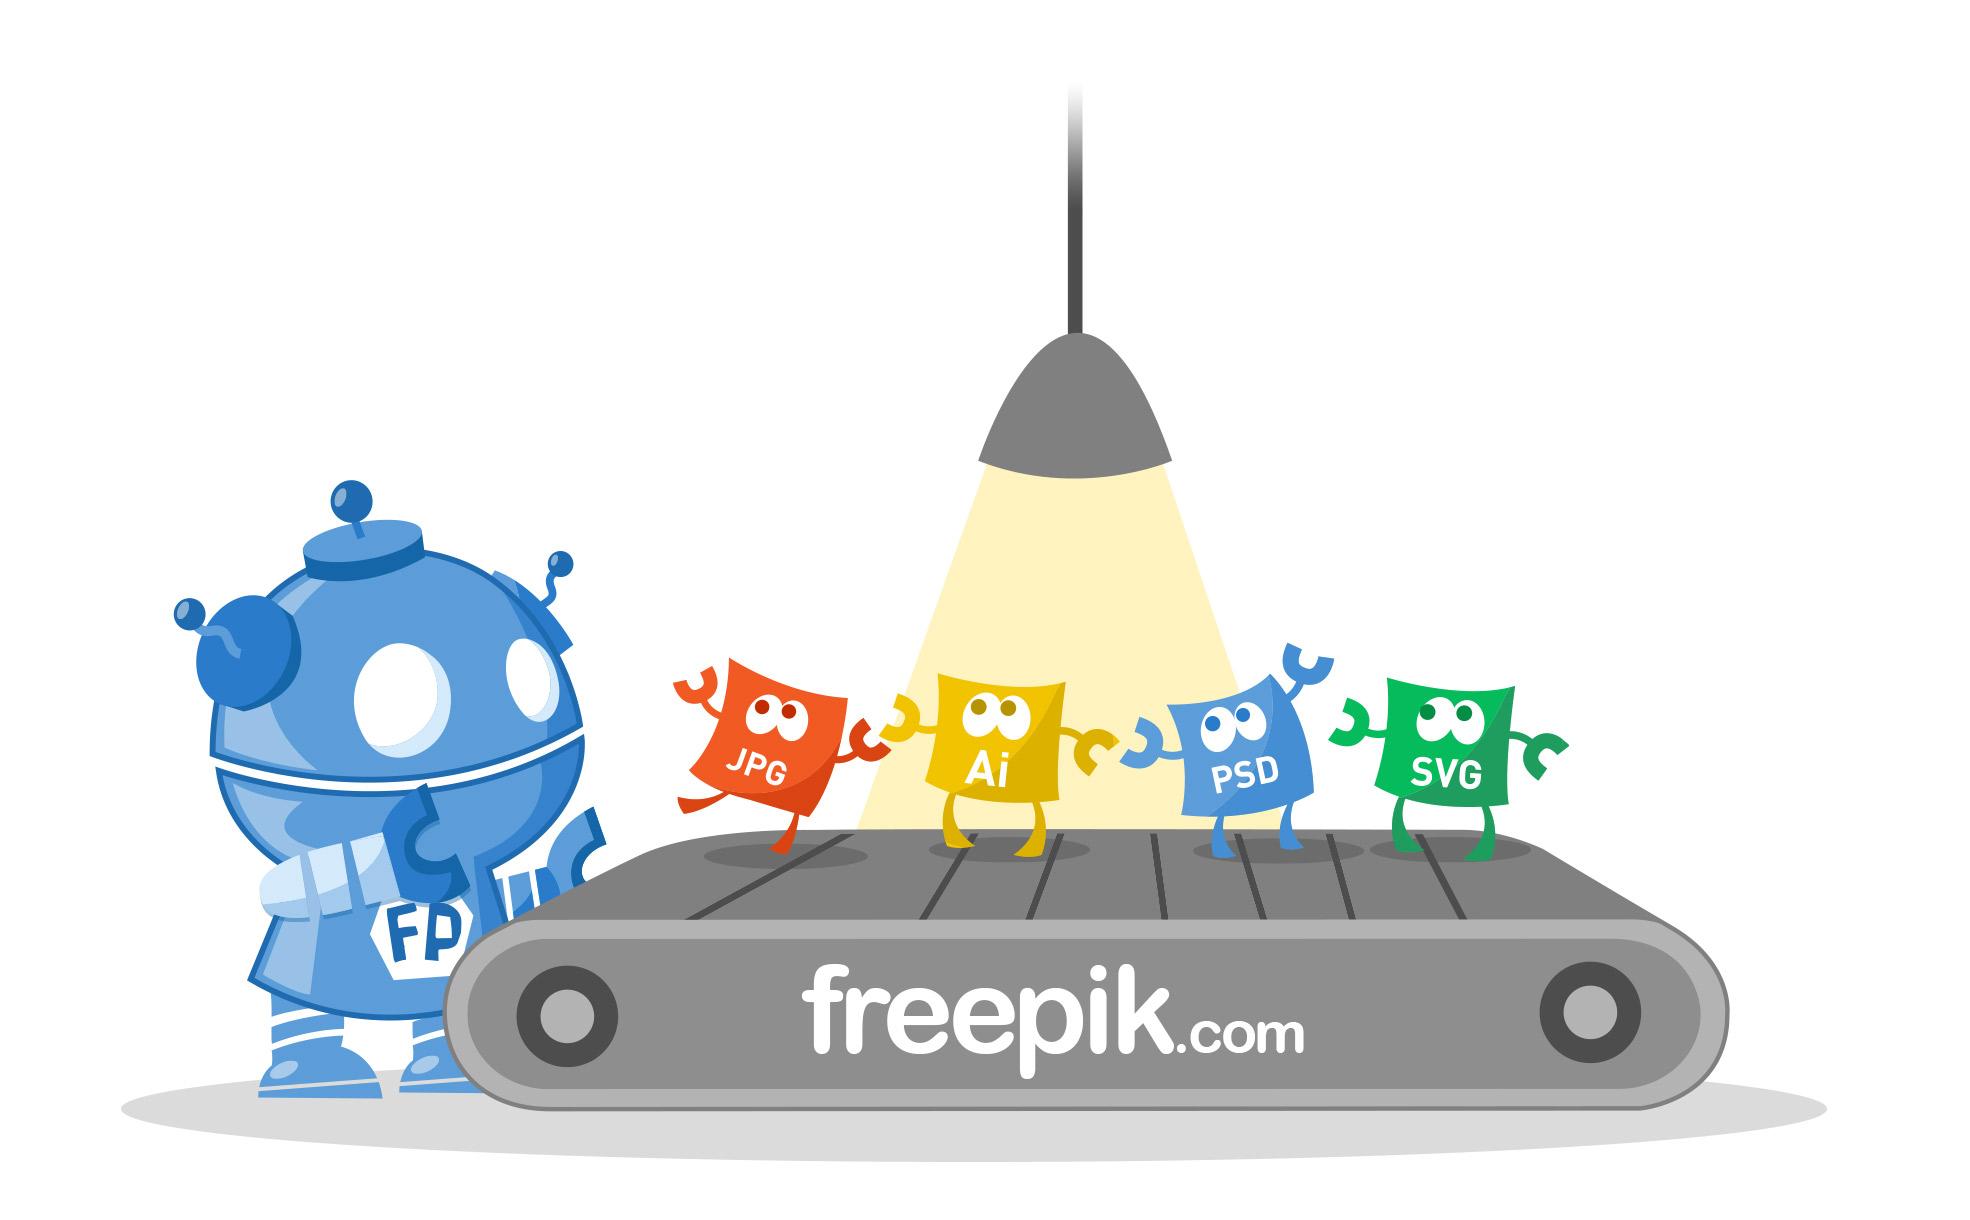 freepik_hd